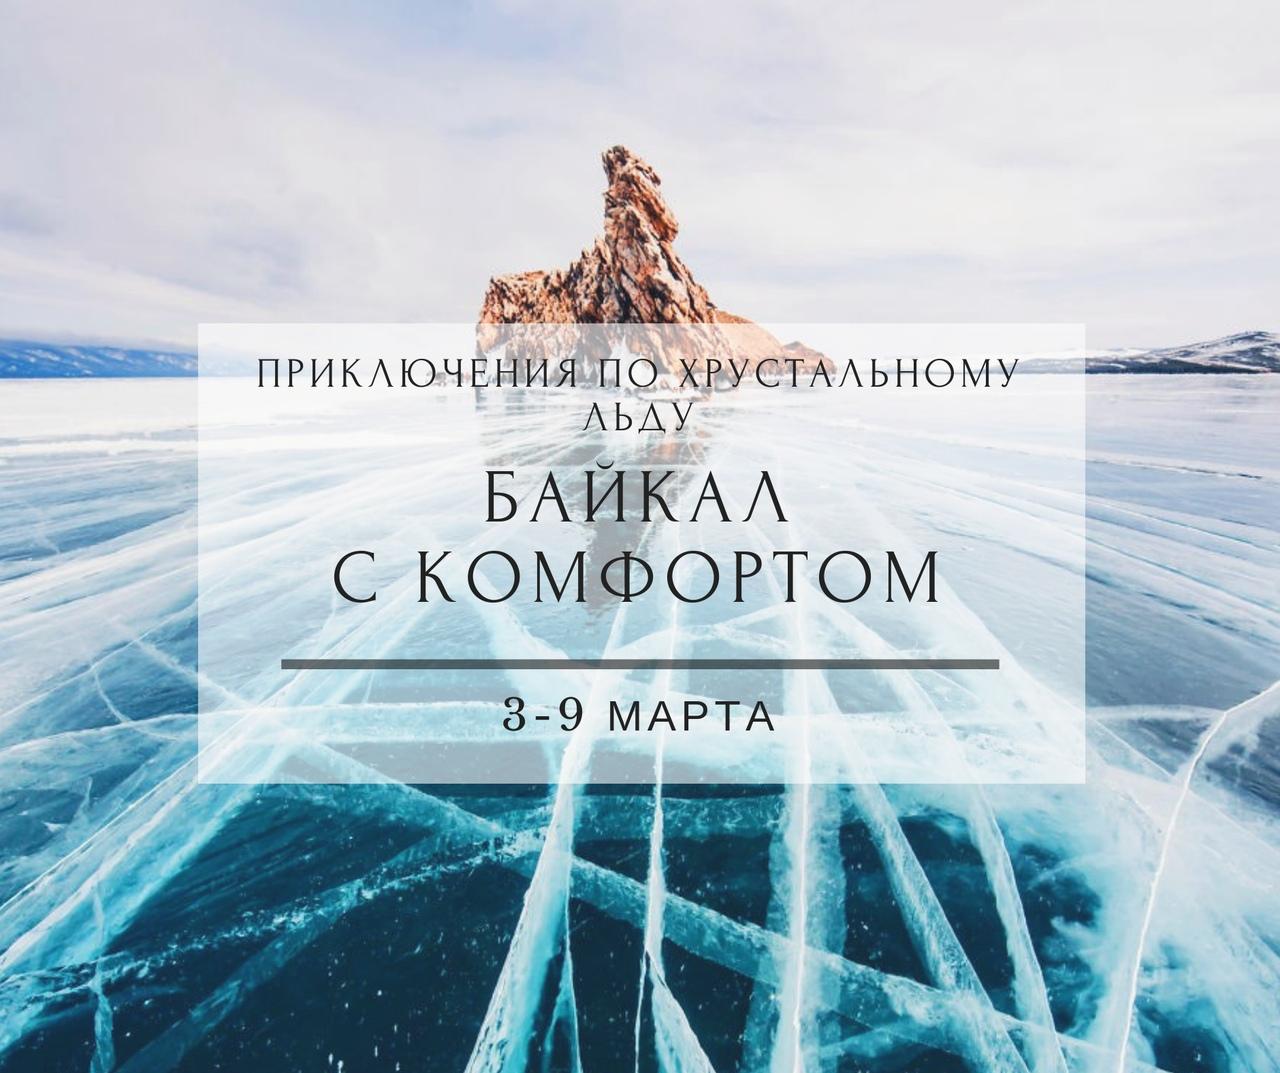 Афиша Тюмень БАЙКАЛ С КОМФОРТОМ / 3-9 МАРТА